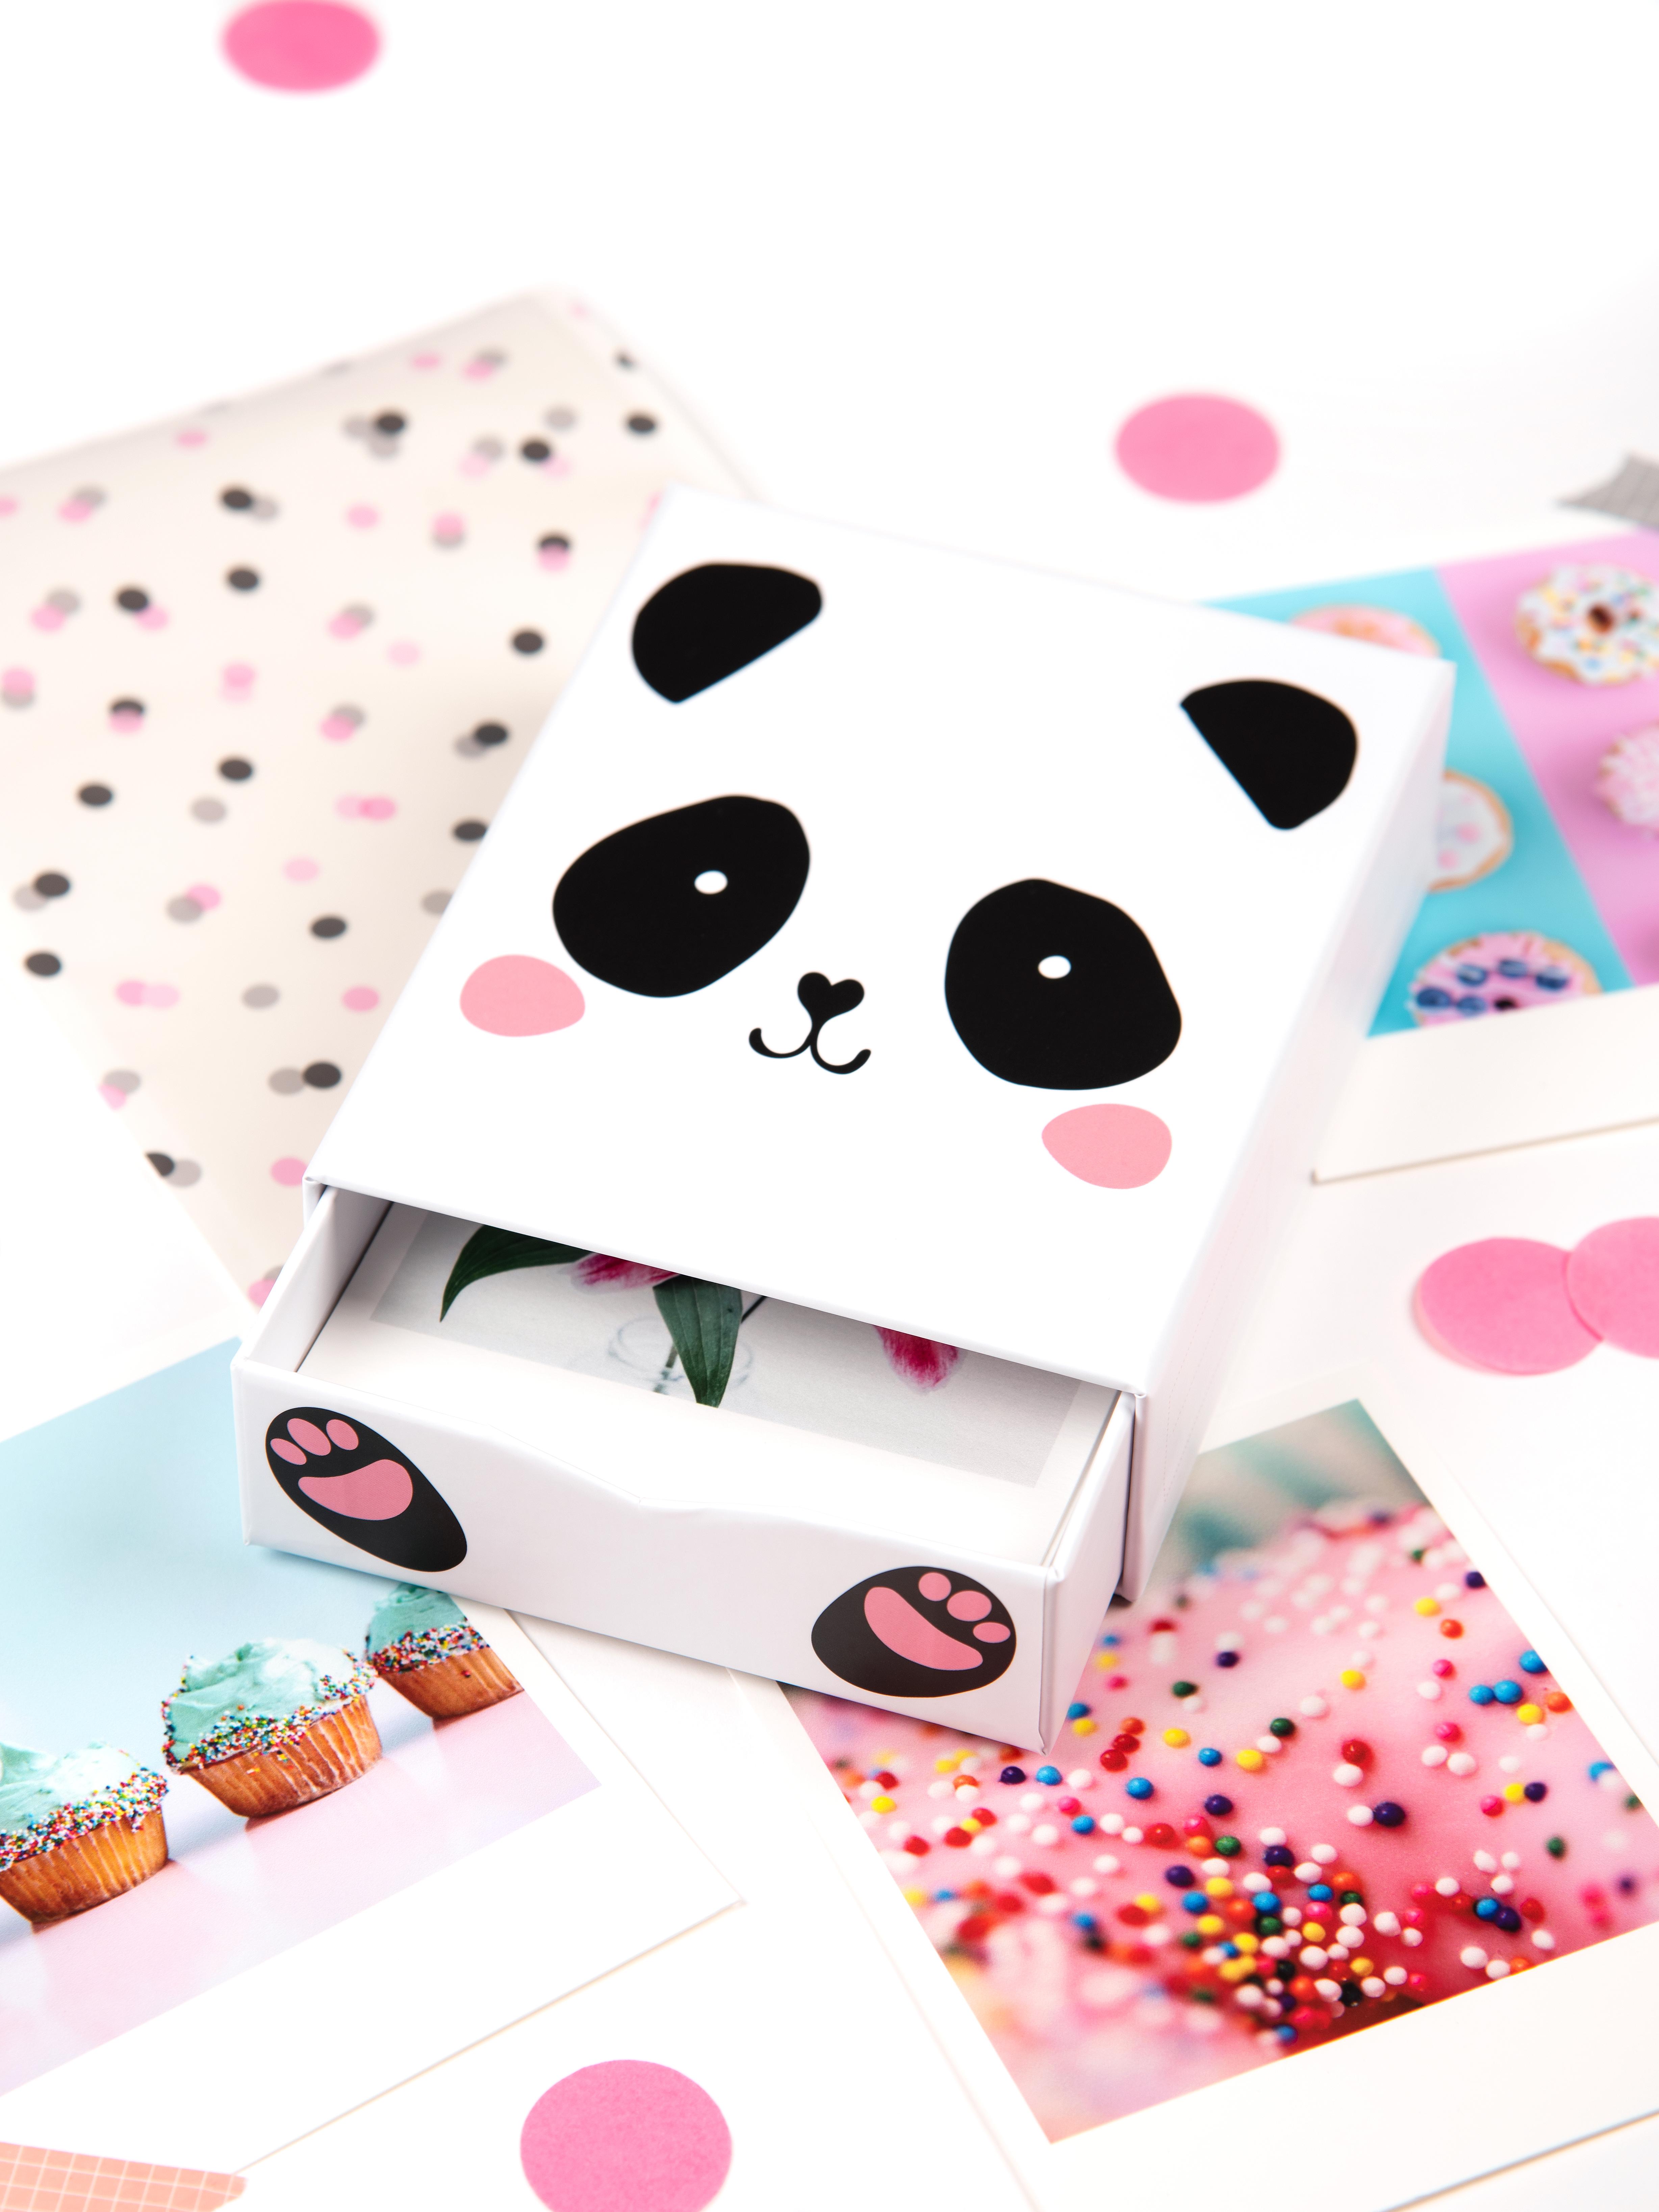 Idée cadeau pour enfant / box photos panda / myposter